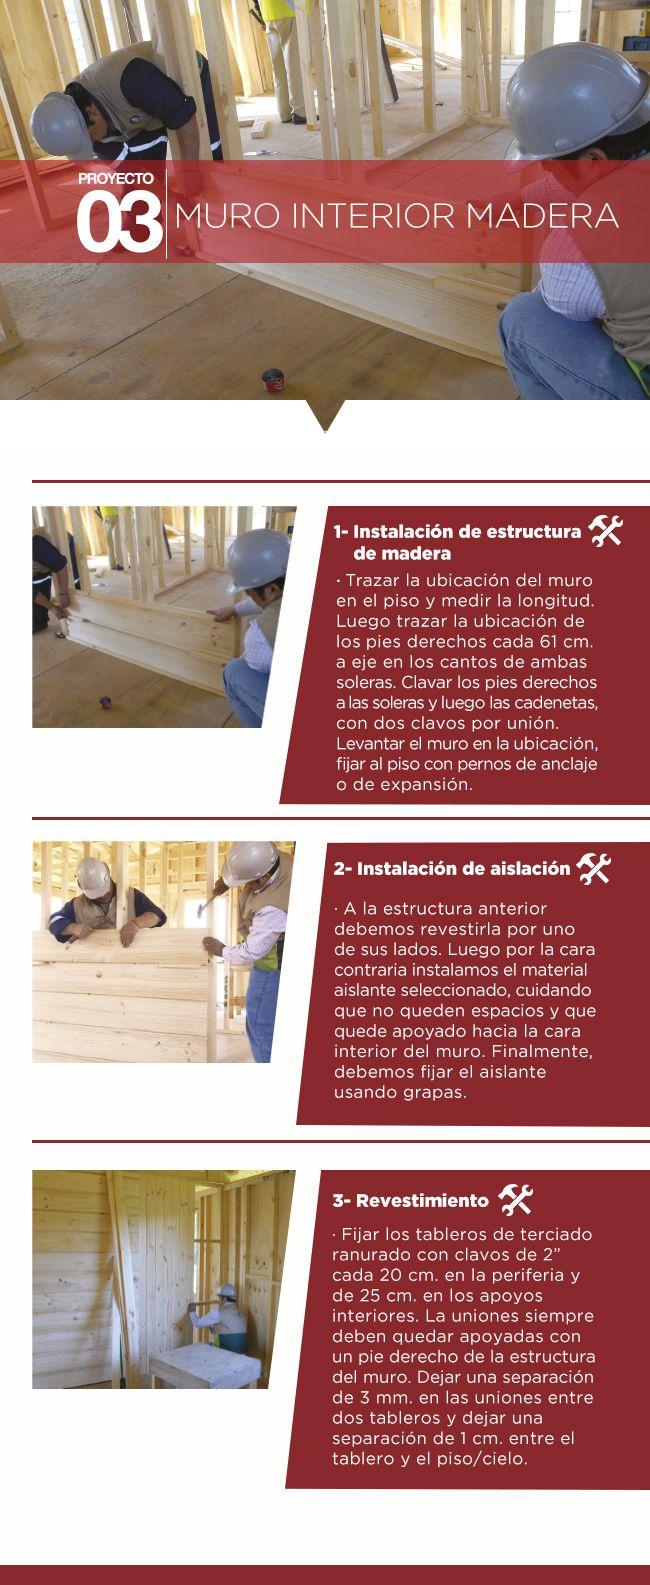 #Muro #Terminaciones #Consejos #Proyectos #Easy